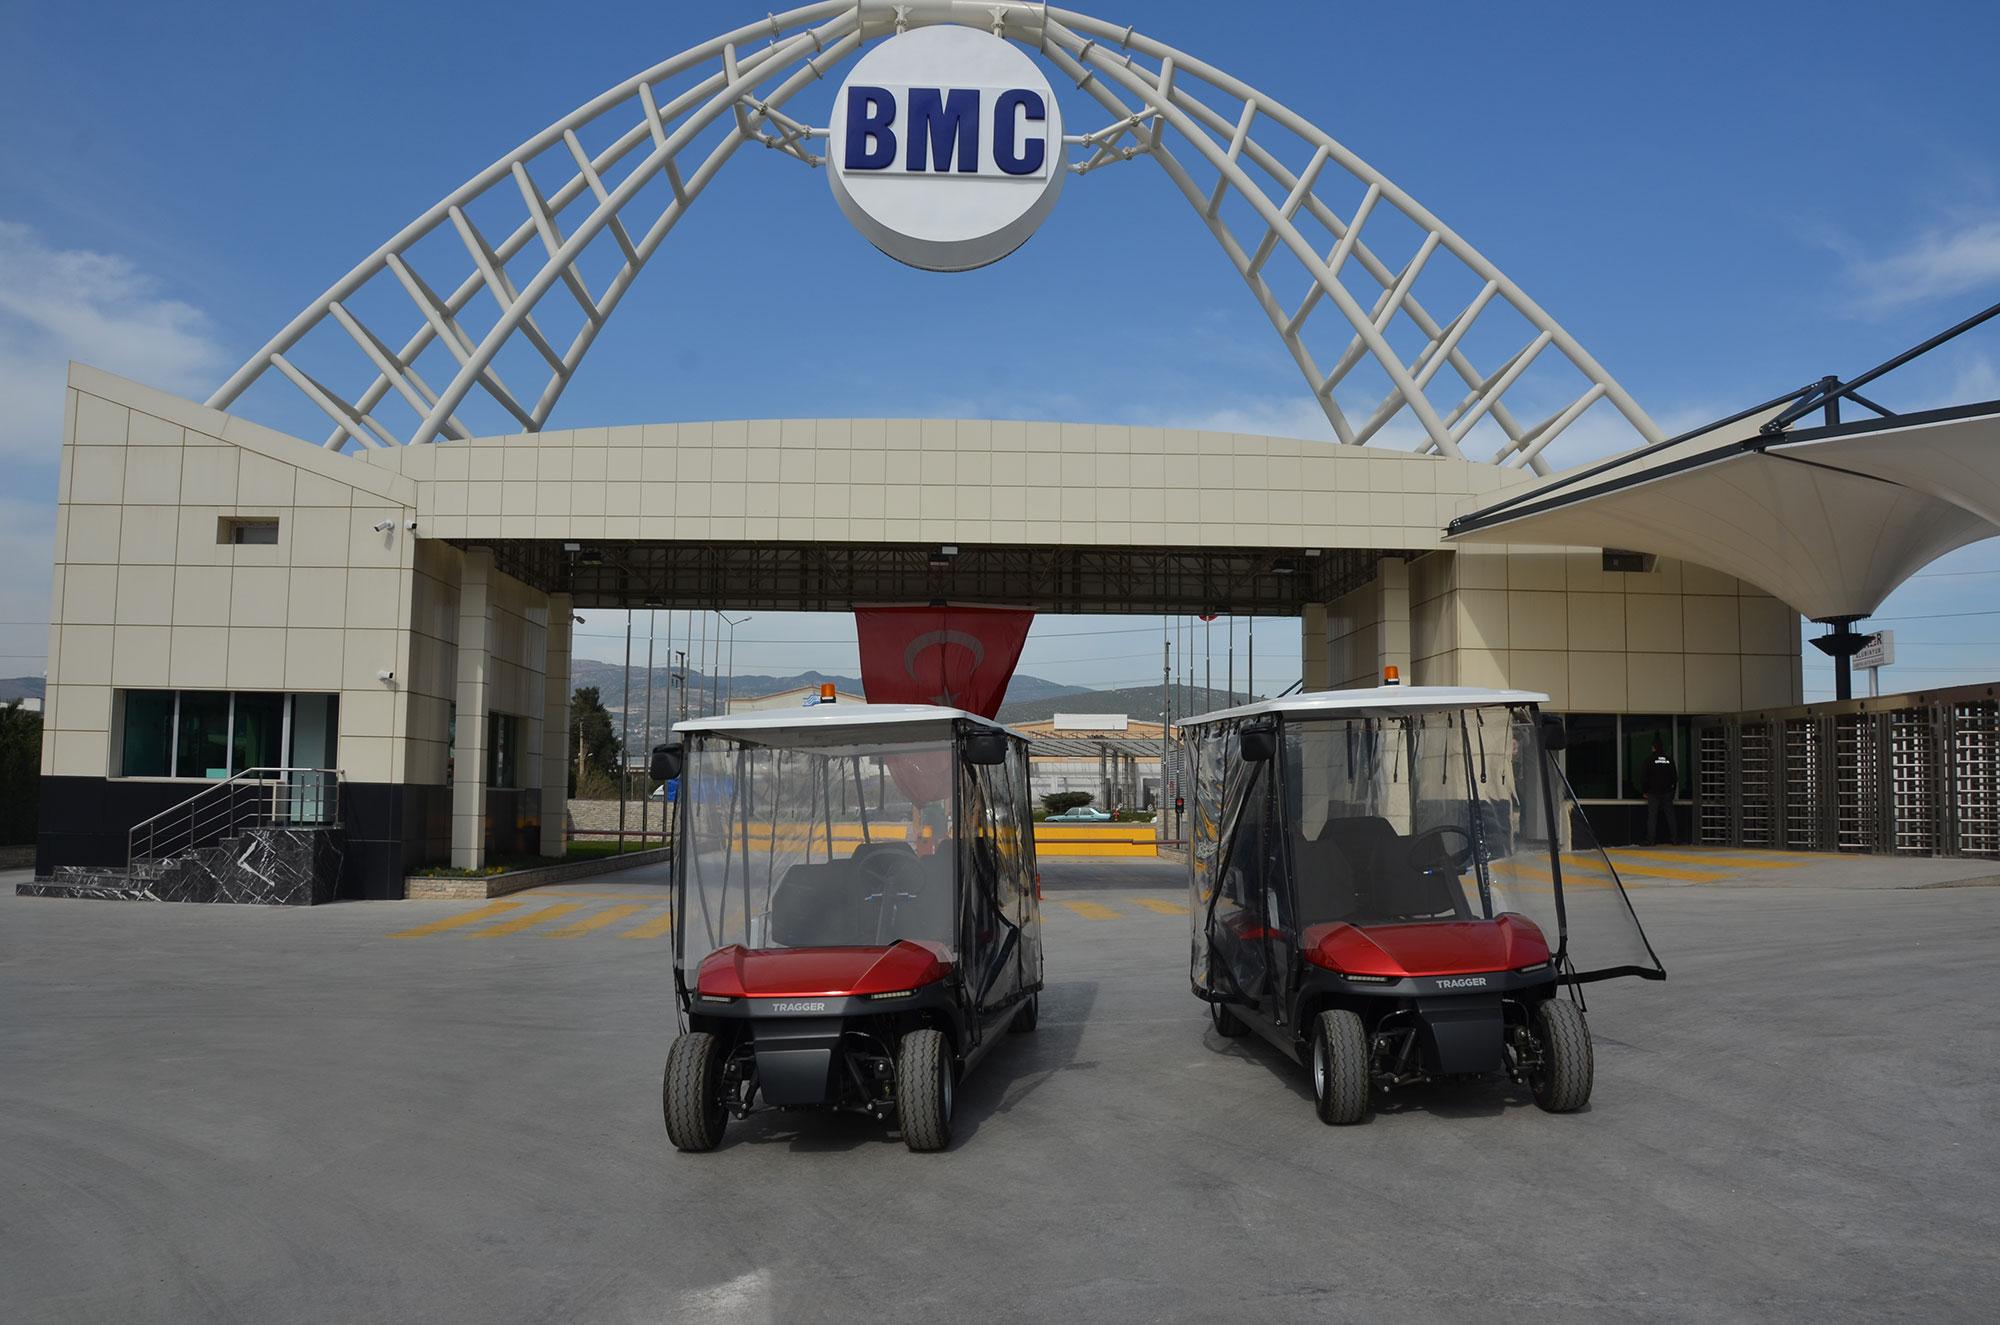 bmc-tragger-tcar.jpg